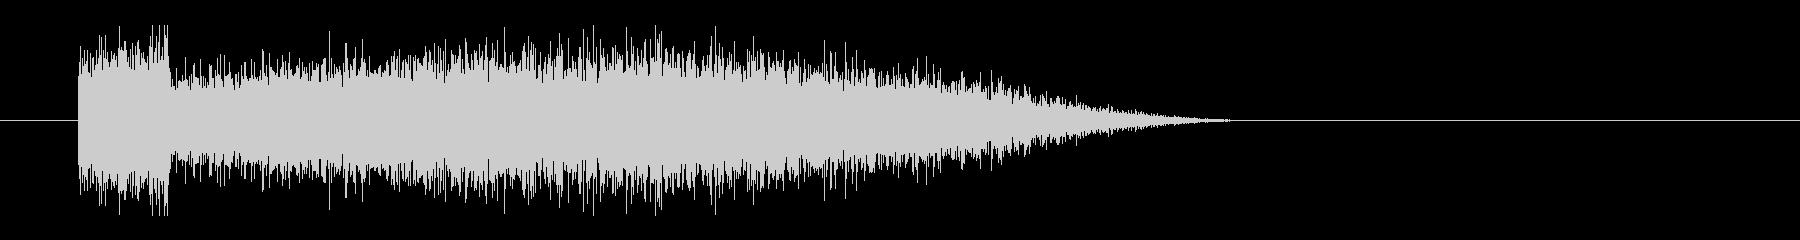 レーザー音-69-3の未再生の波形